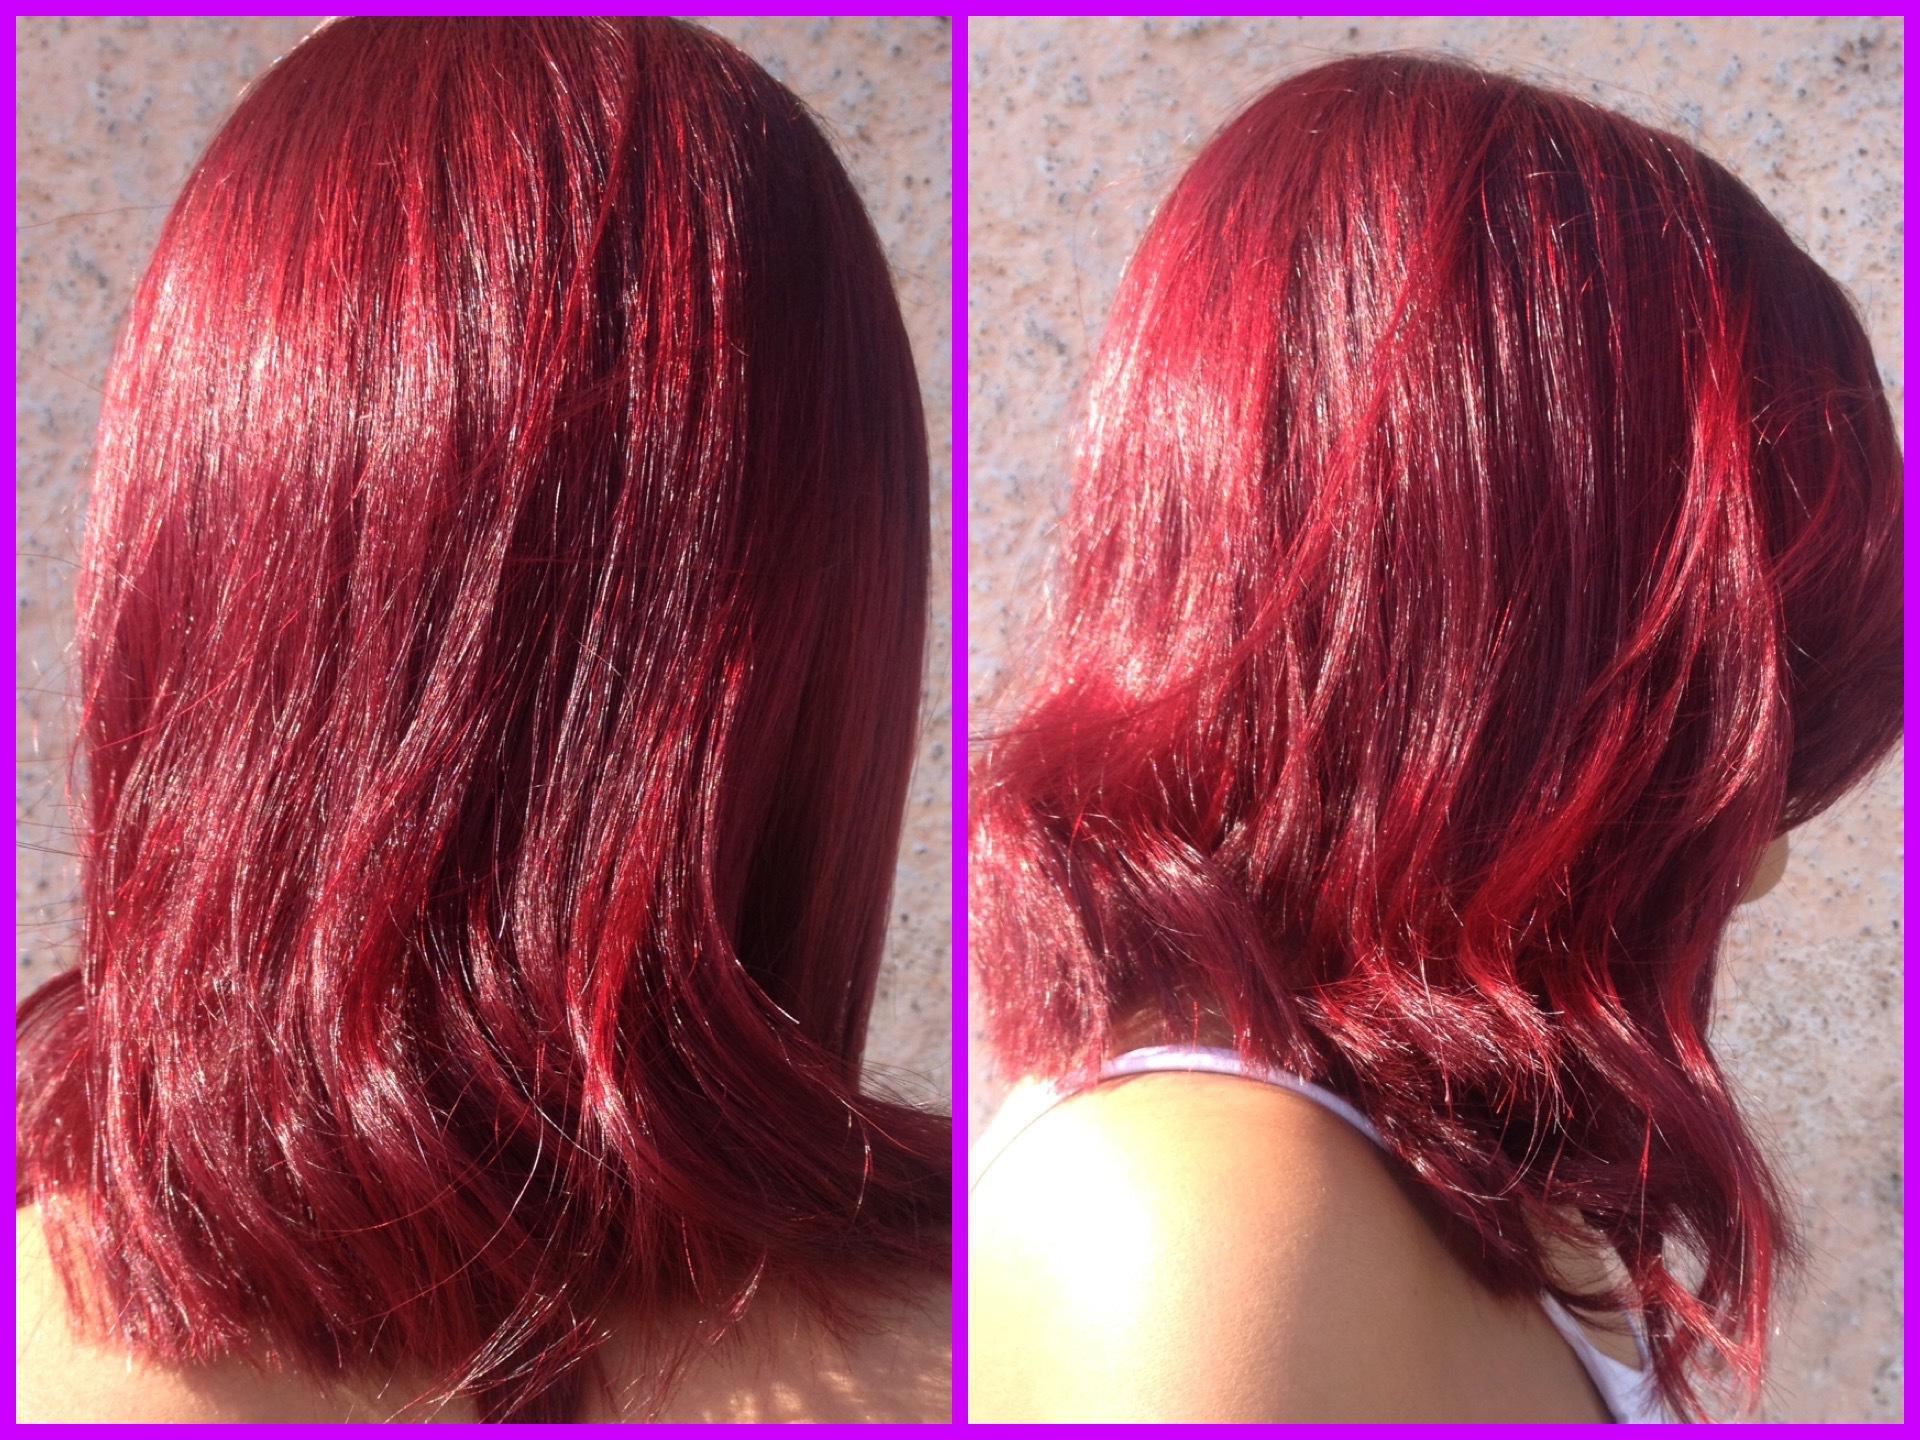 #matizacao cabelo auxiliar cabeleireiro(a) depilador(a) cabeleireiro(a)